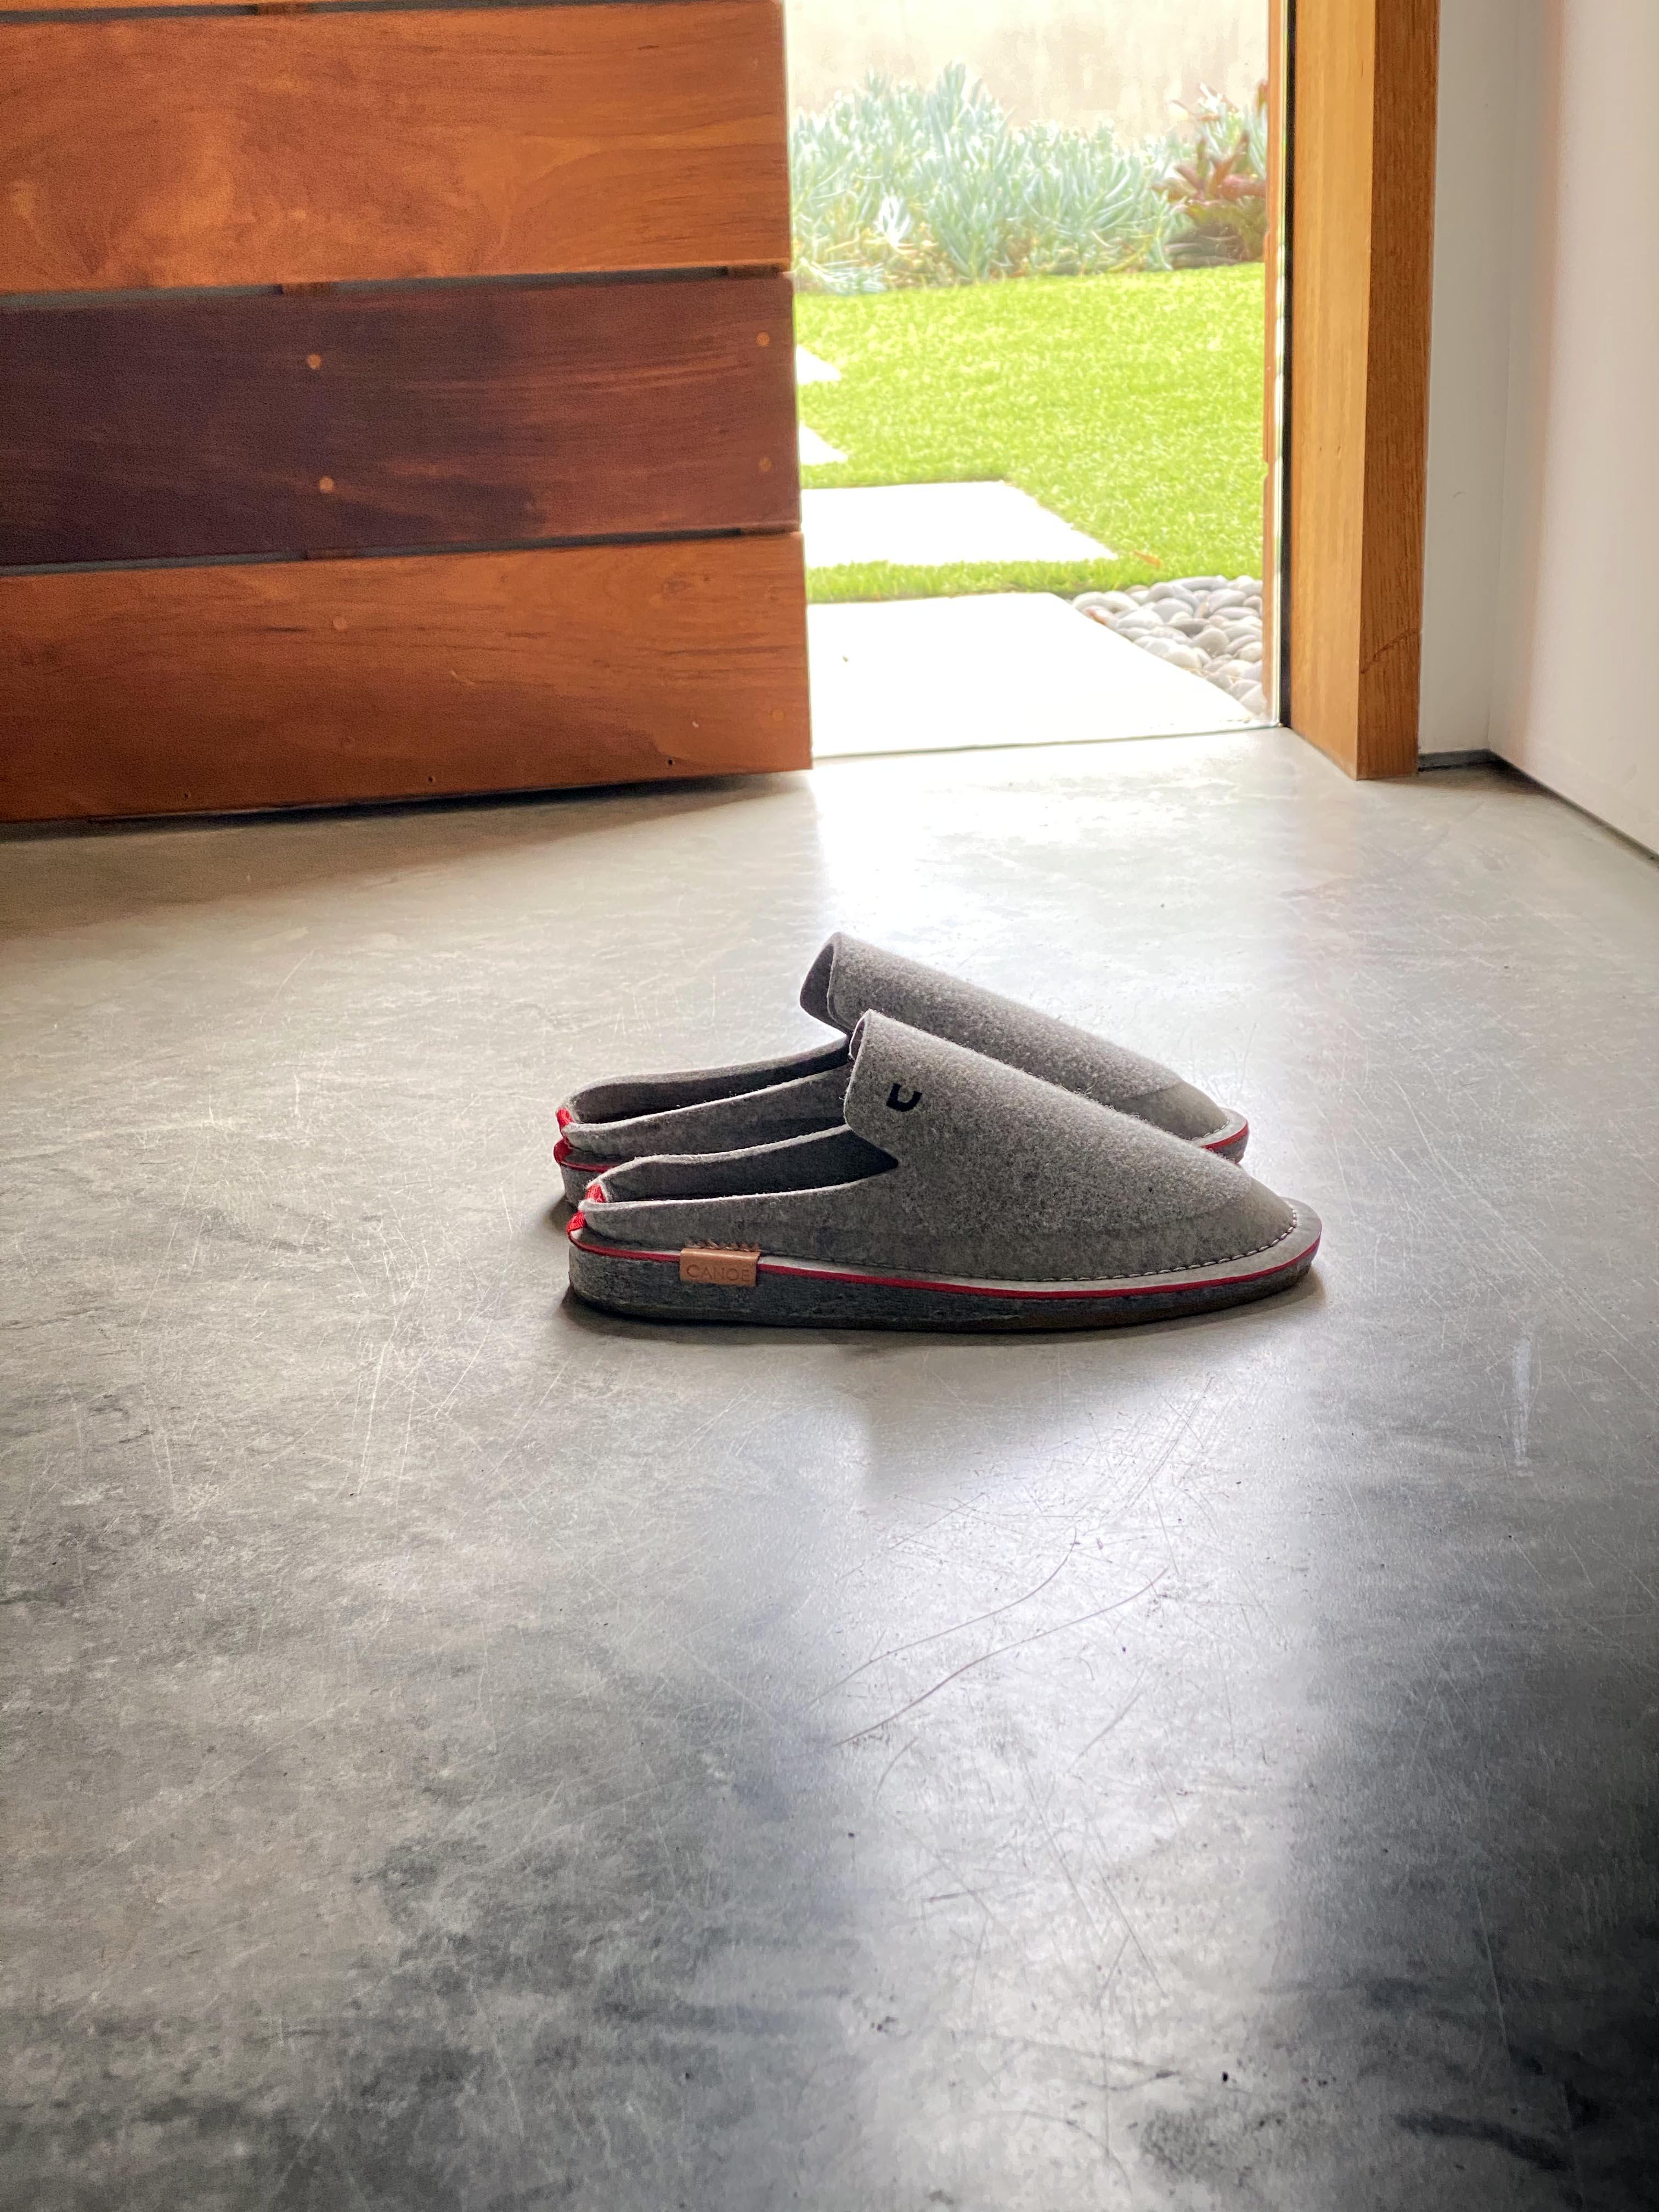 @canoefootwear